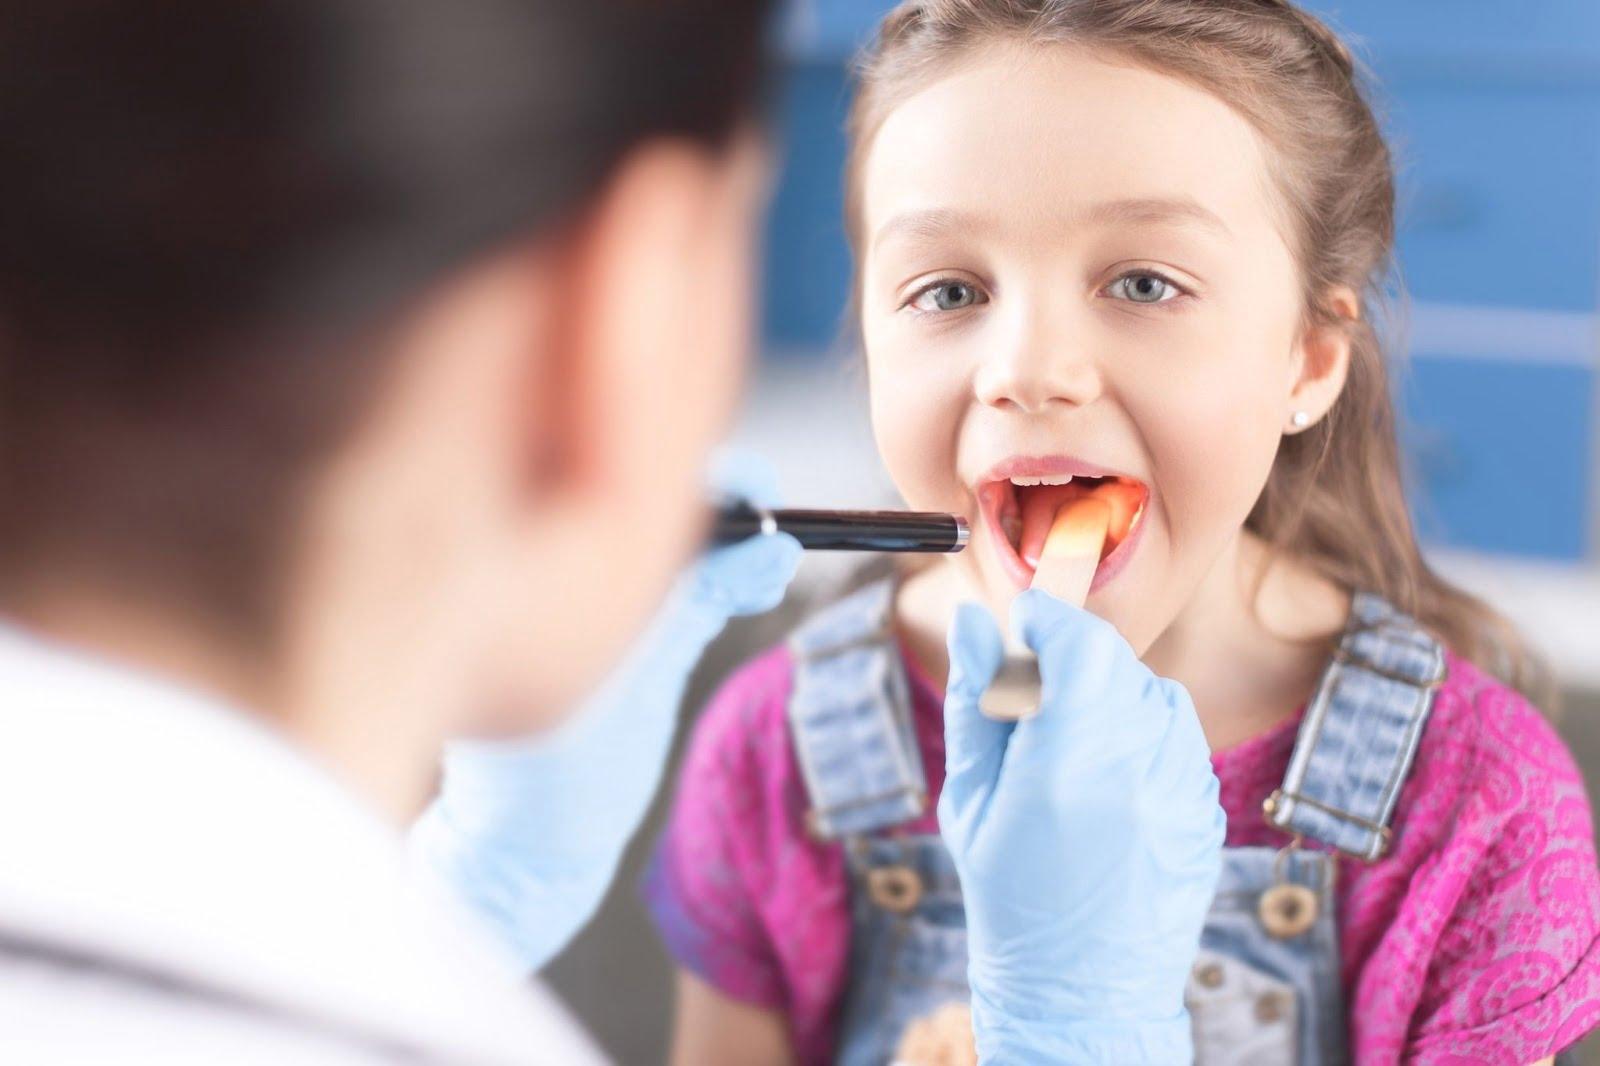 Chuyên gia cảnh báo triệu chứng viêm amidan ở trẻ em phổ biến nhất